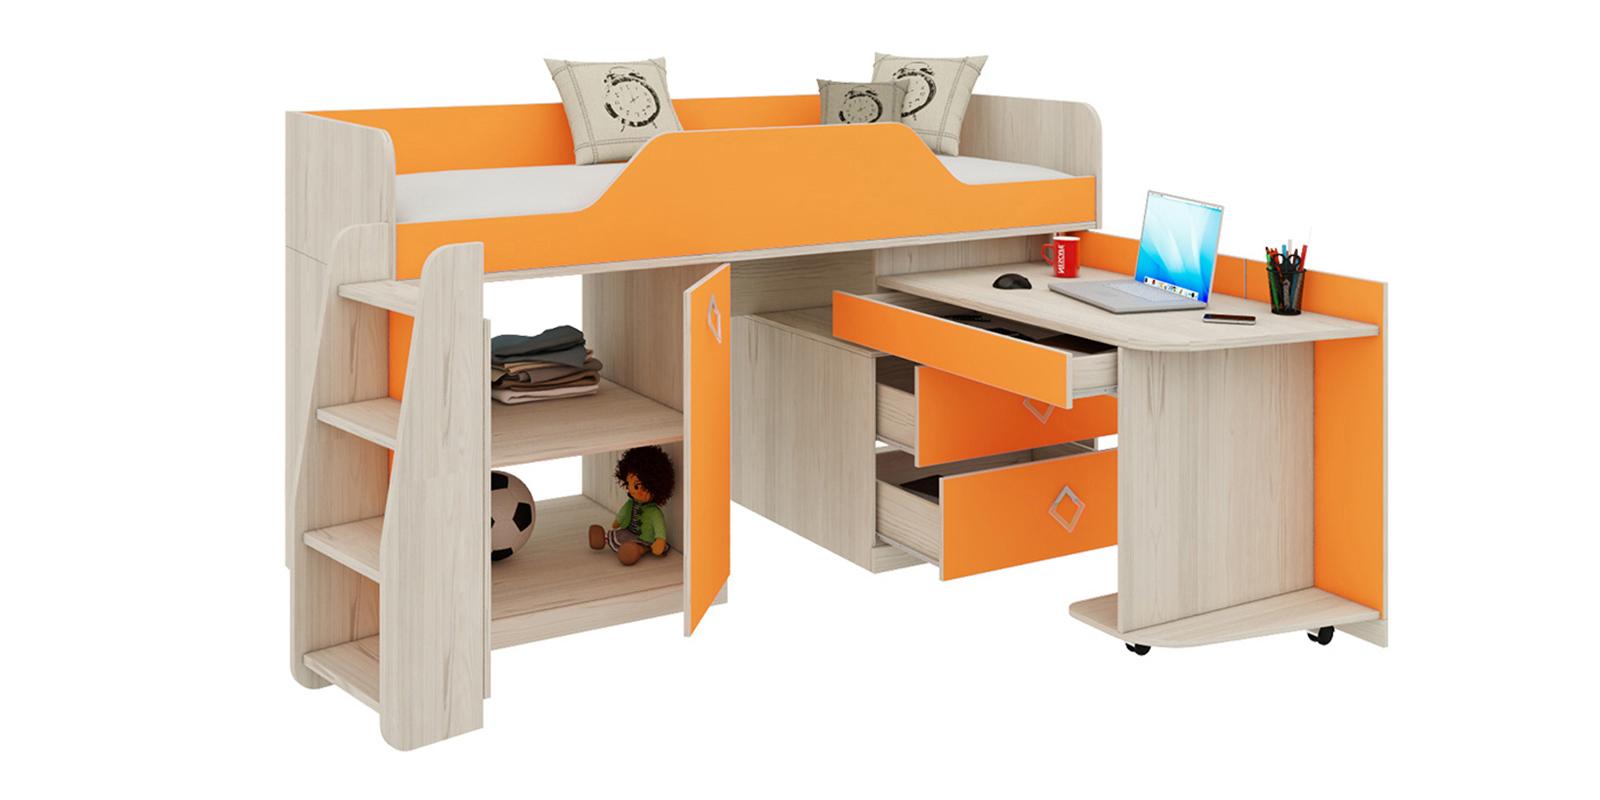 Кровать односпальная Салоу кровать-трансформер (каттхилт/манго)